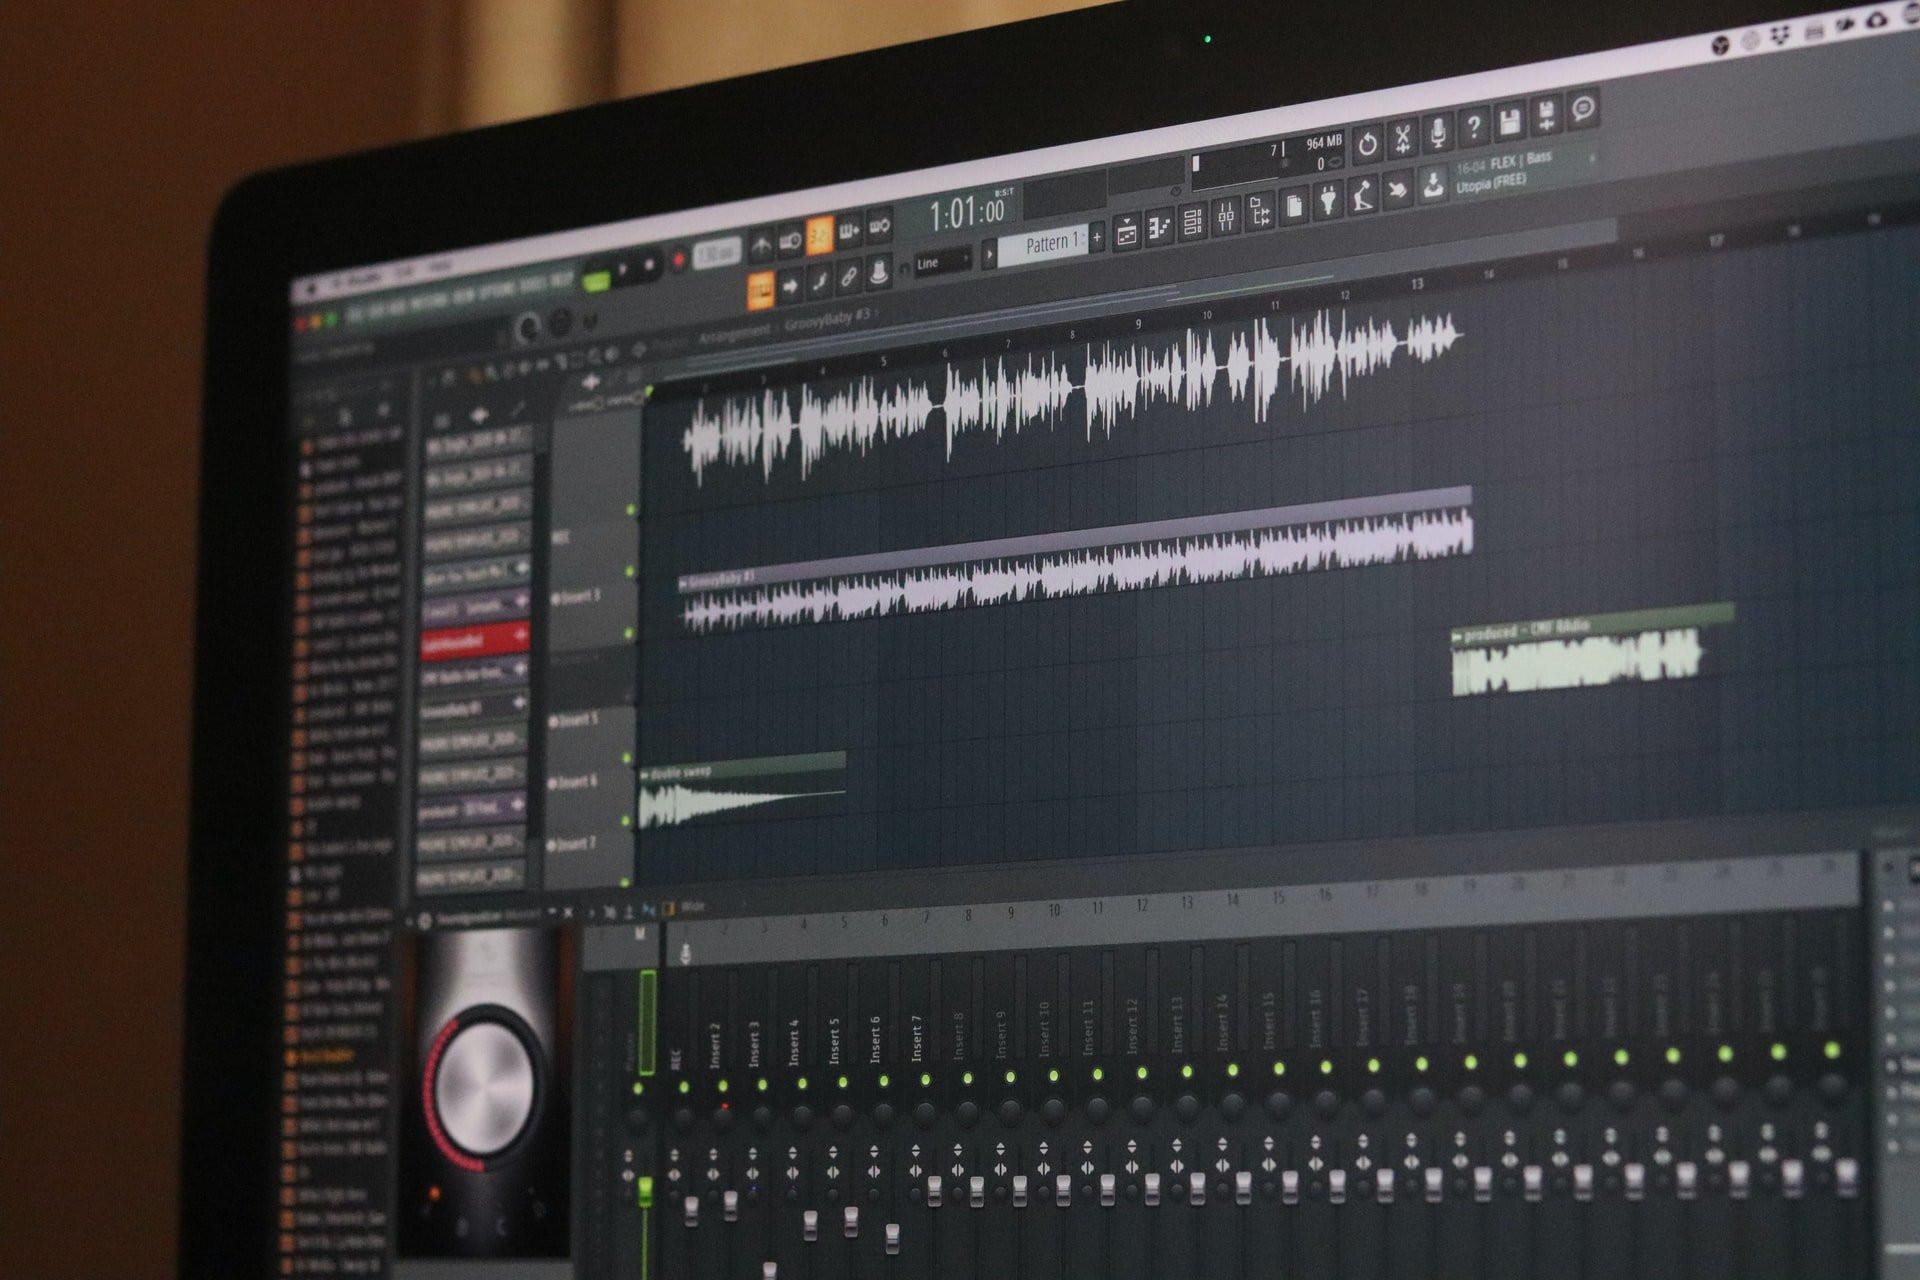 FL STUDIO: LEKCJA 2 - Budowa patternu rytmicznego